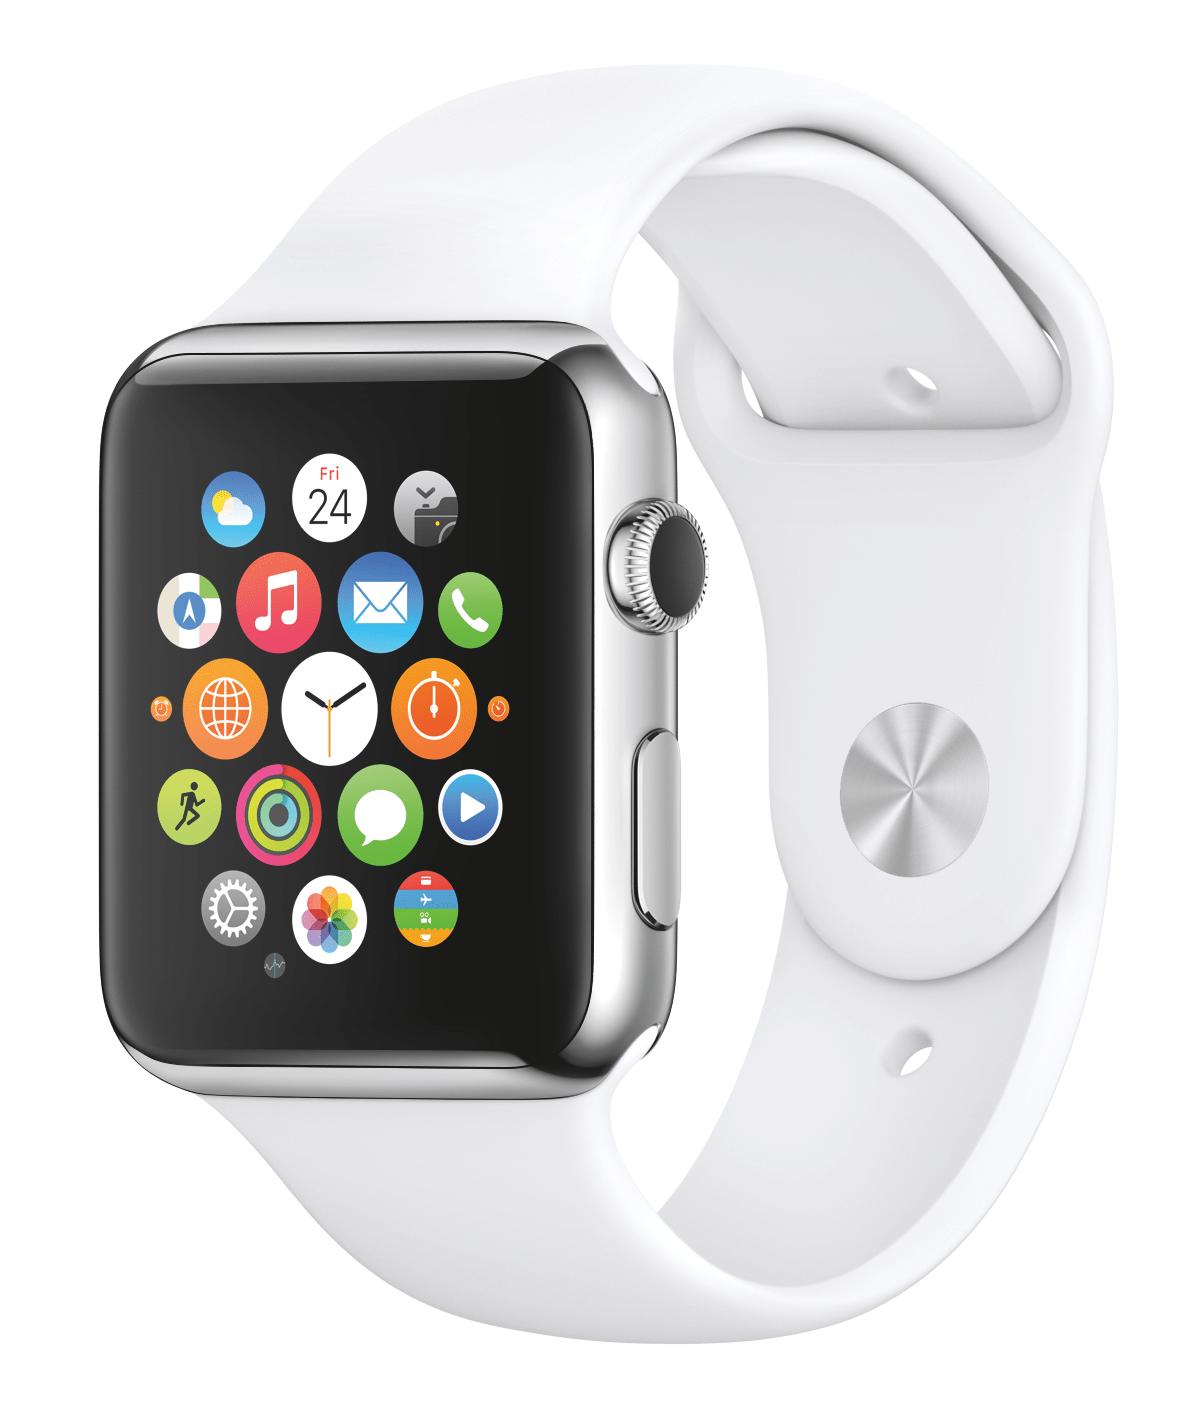 iPhone fotografie en de Apple watch